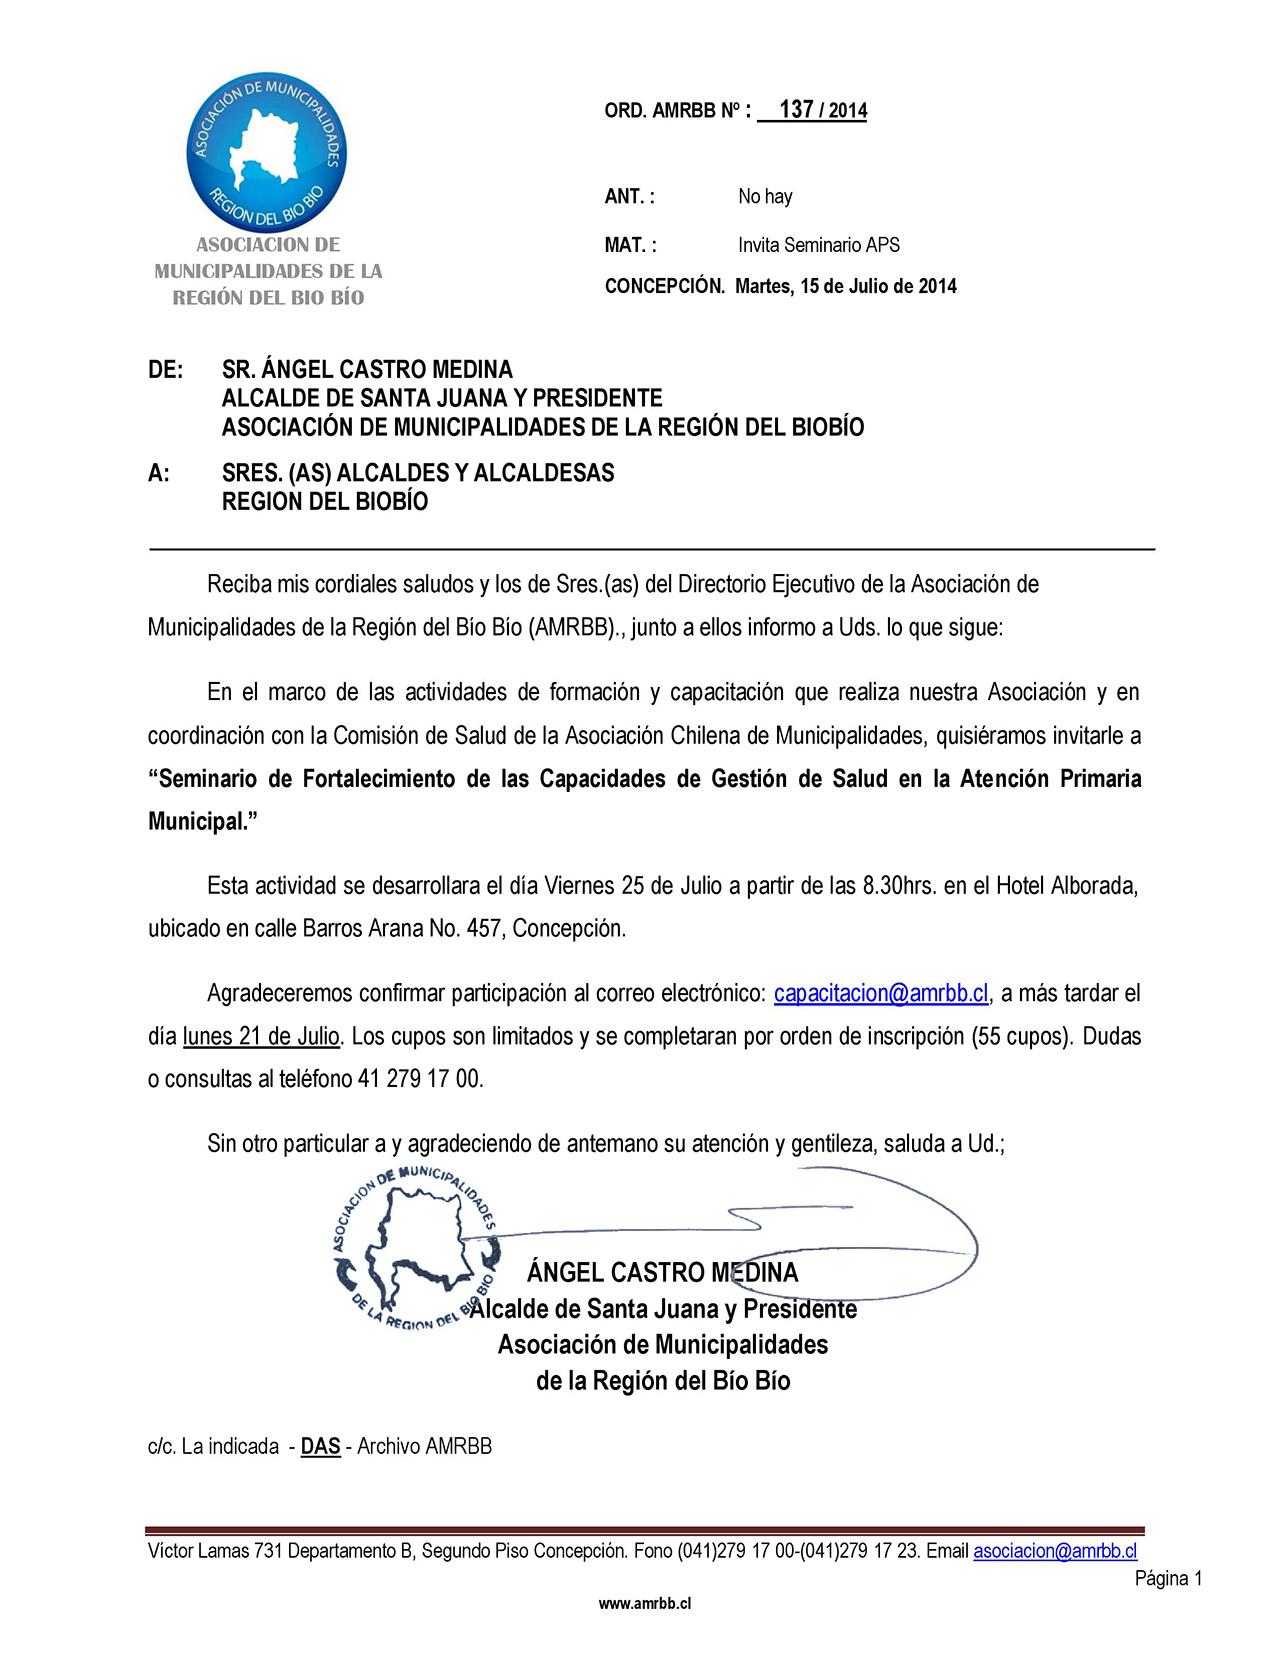 Ord. 137 - Invita seminario de Fortalecimiento APS-page-001